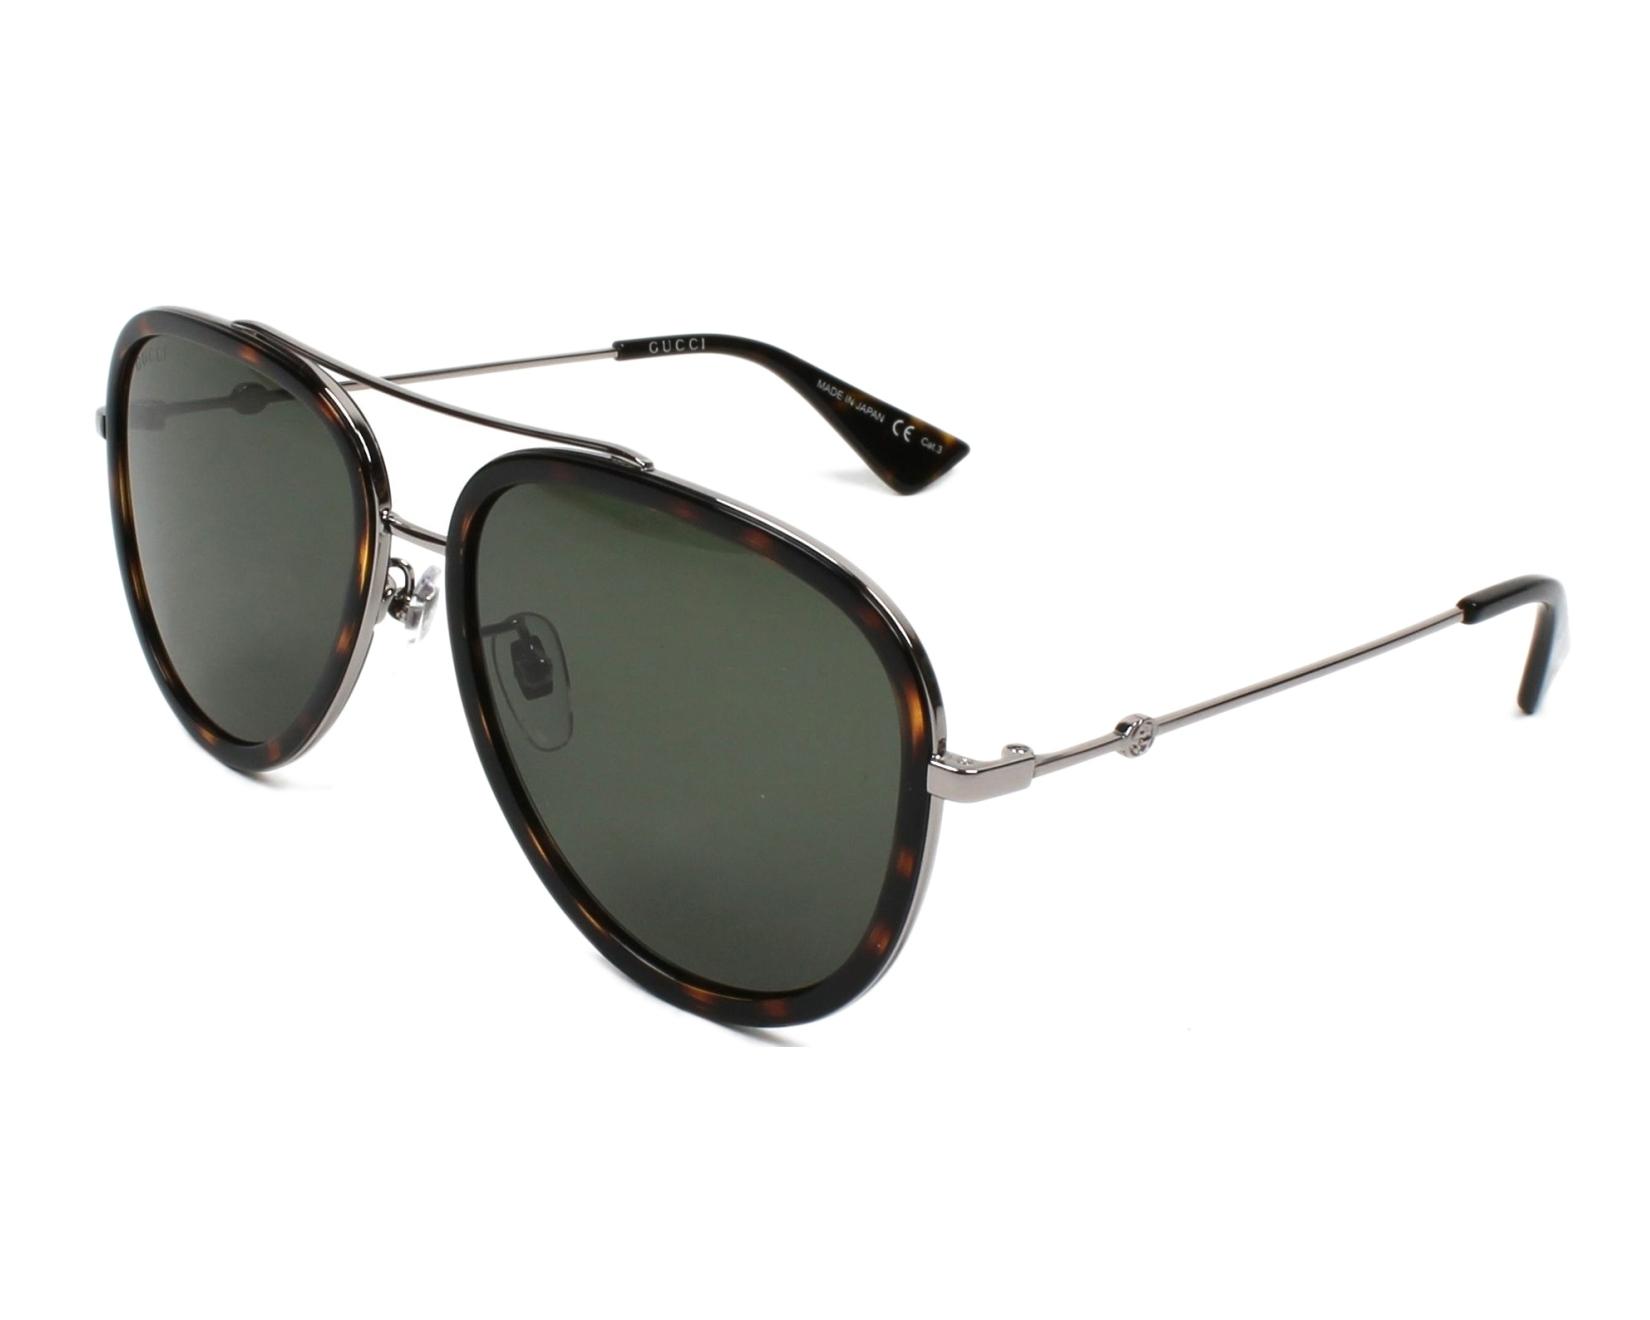 Gucci GG0062S Sonnenbrille Gold / Grün 003 57mm sMOo7rsW6